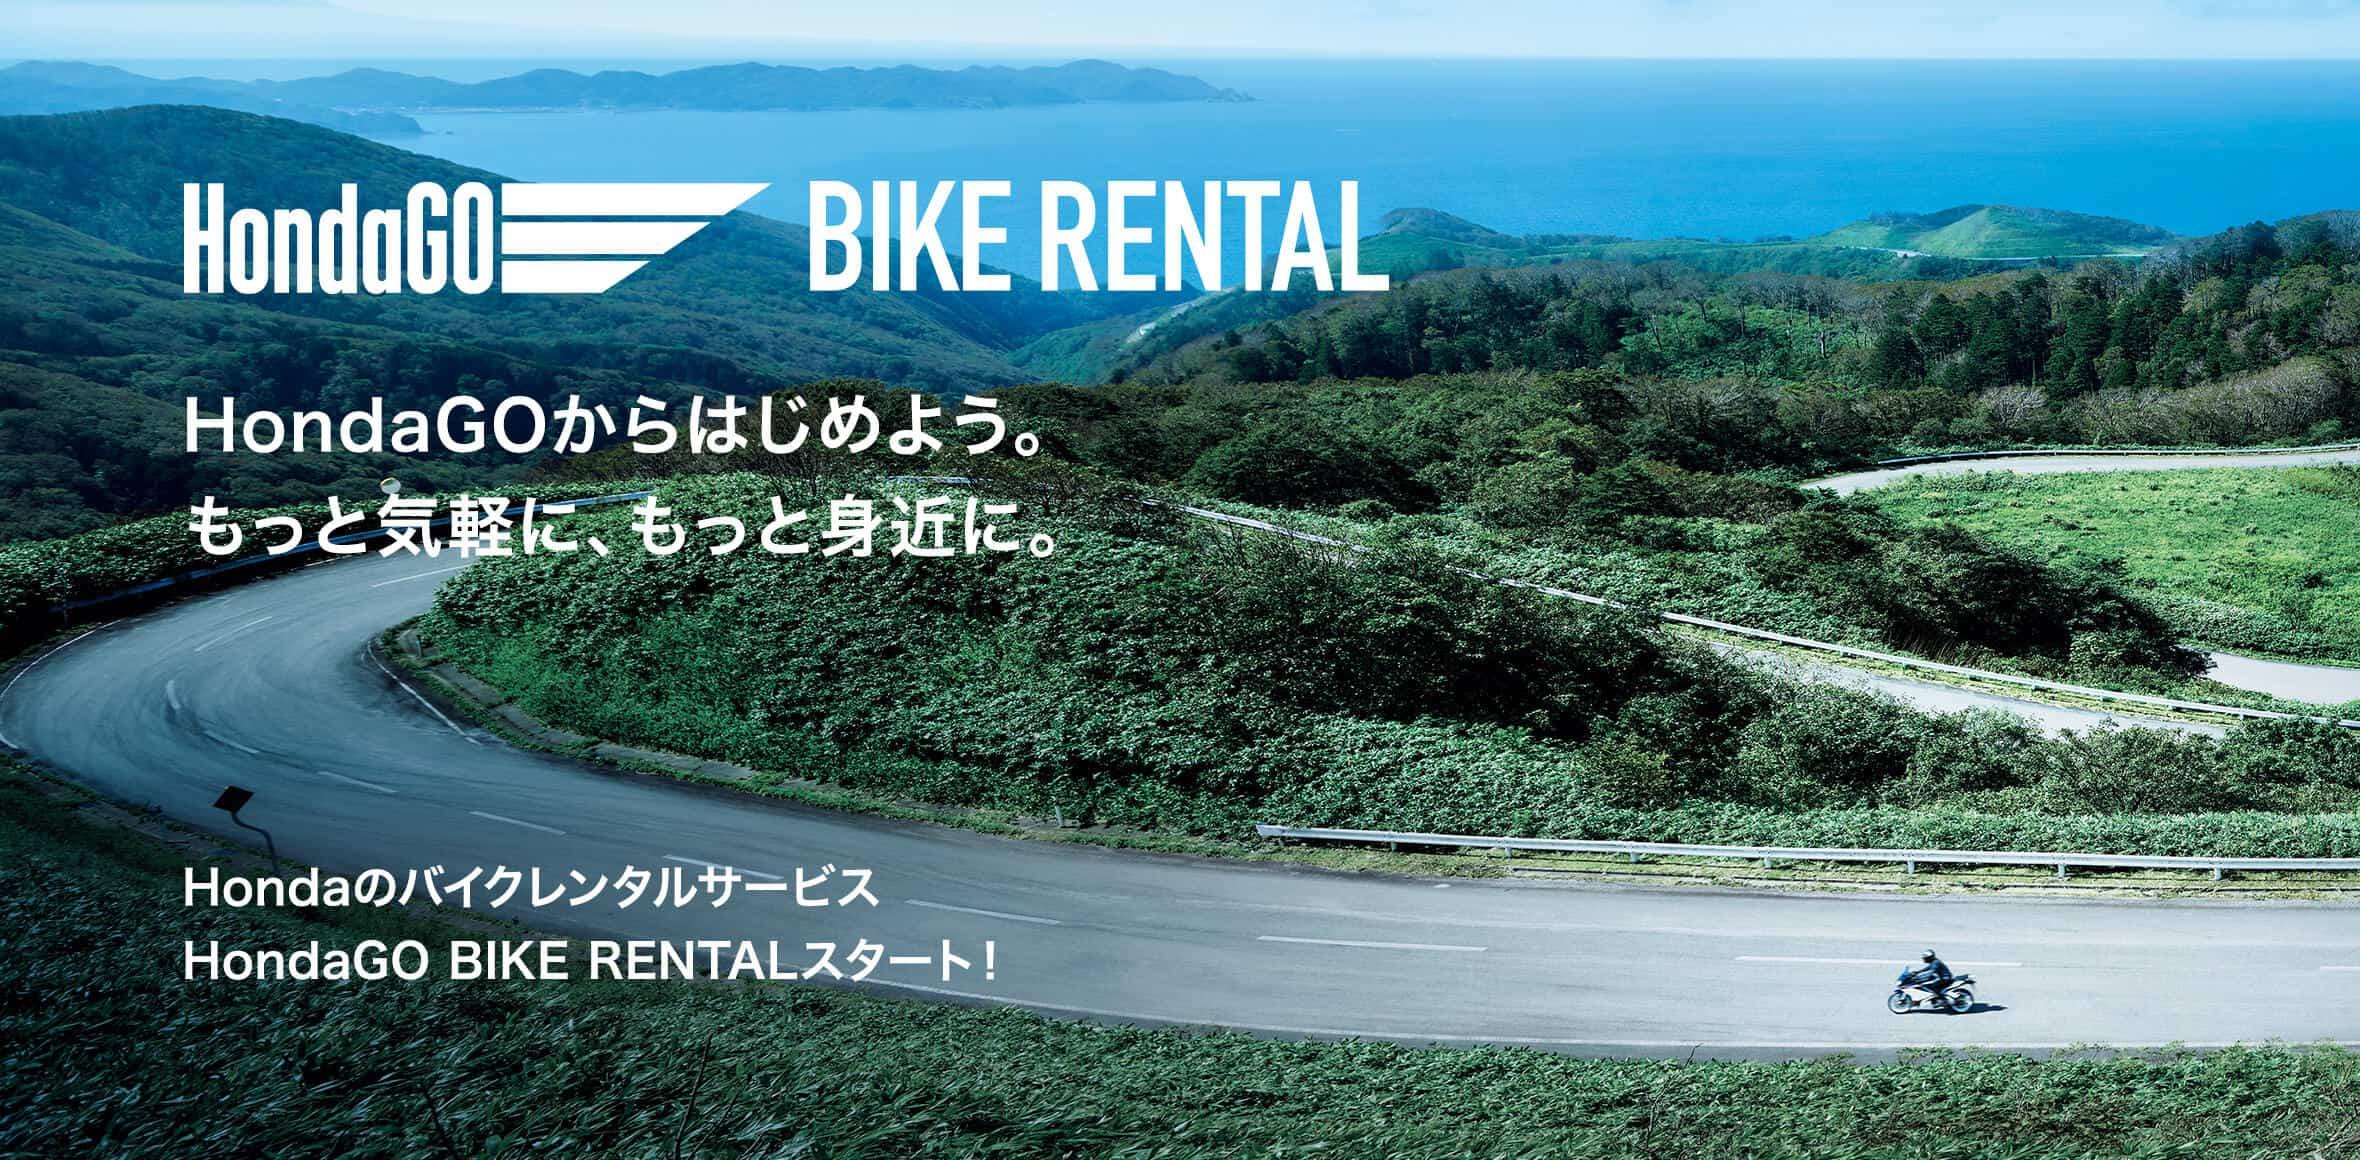 ホンダ バイクレンタルサービスである「HondaGO BIKE RENTAL(ホンダゴー・バイク・レンタル)」をスタート